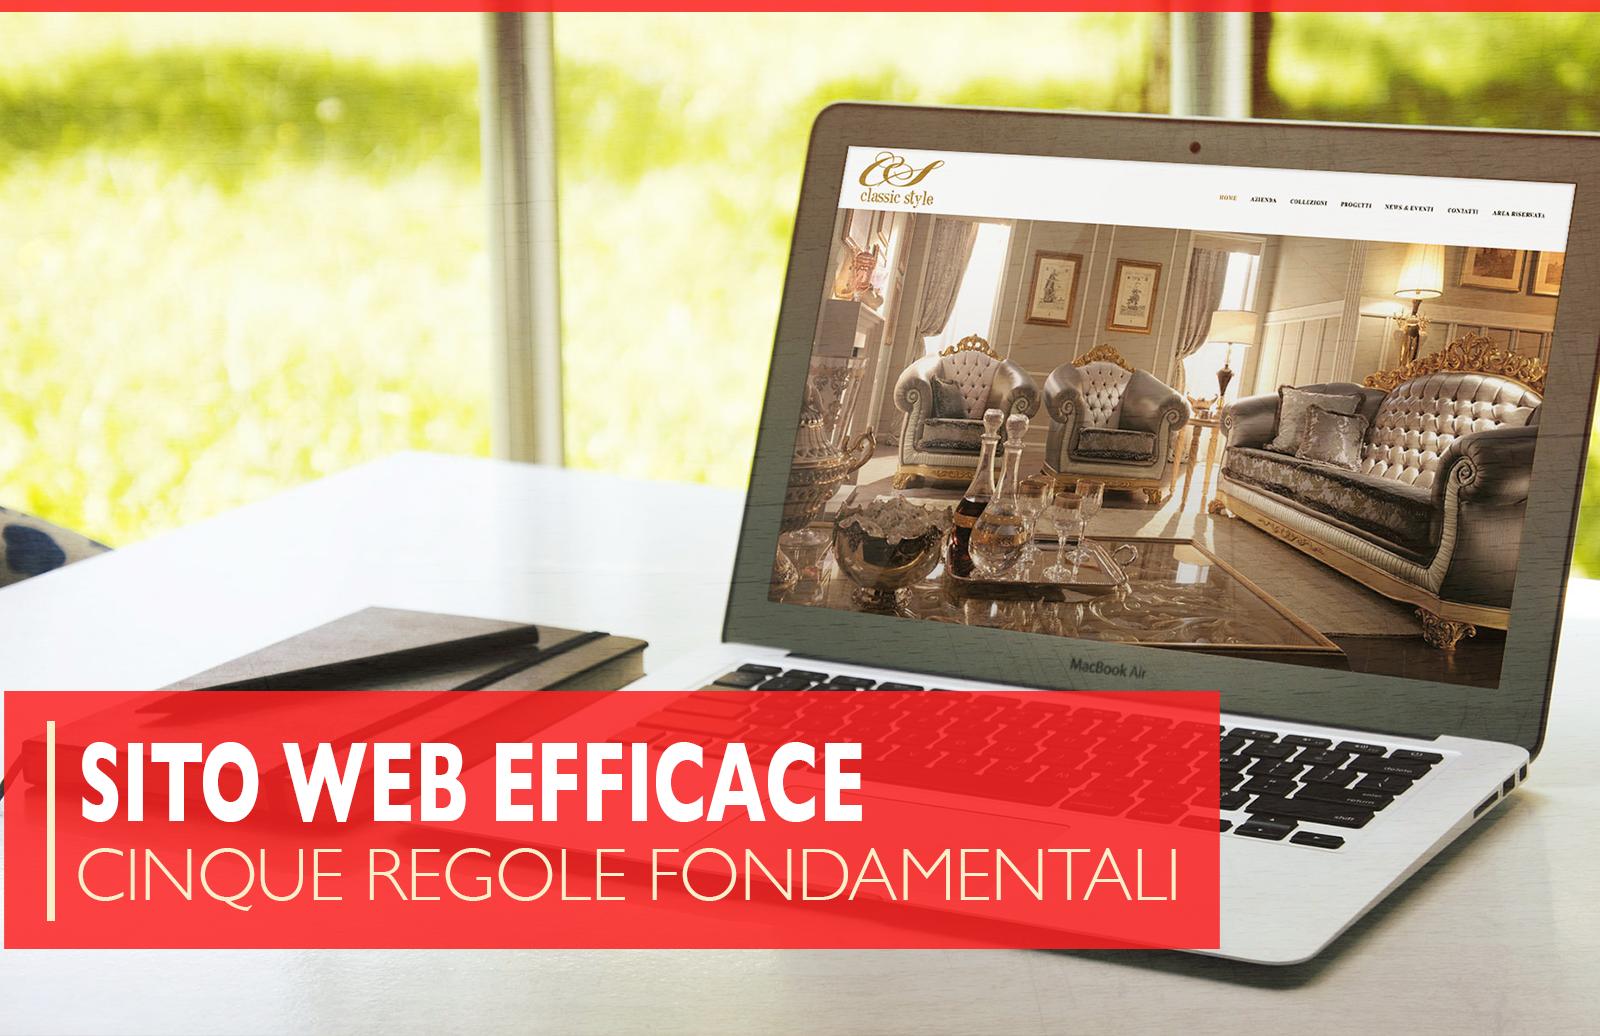 Creare un sito web efficace: le 5 regole fondamentali